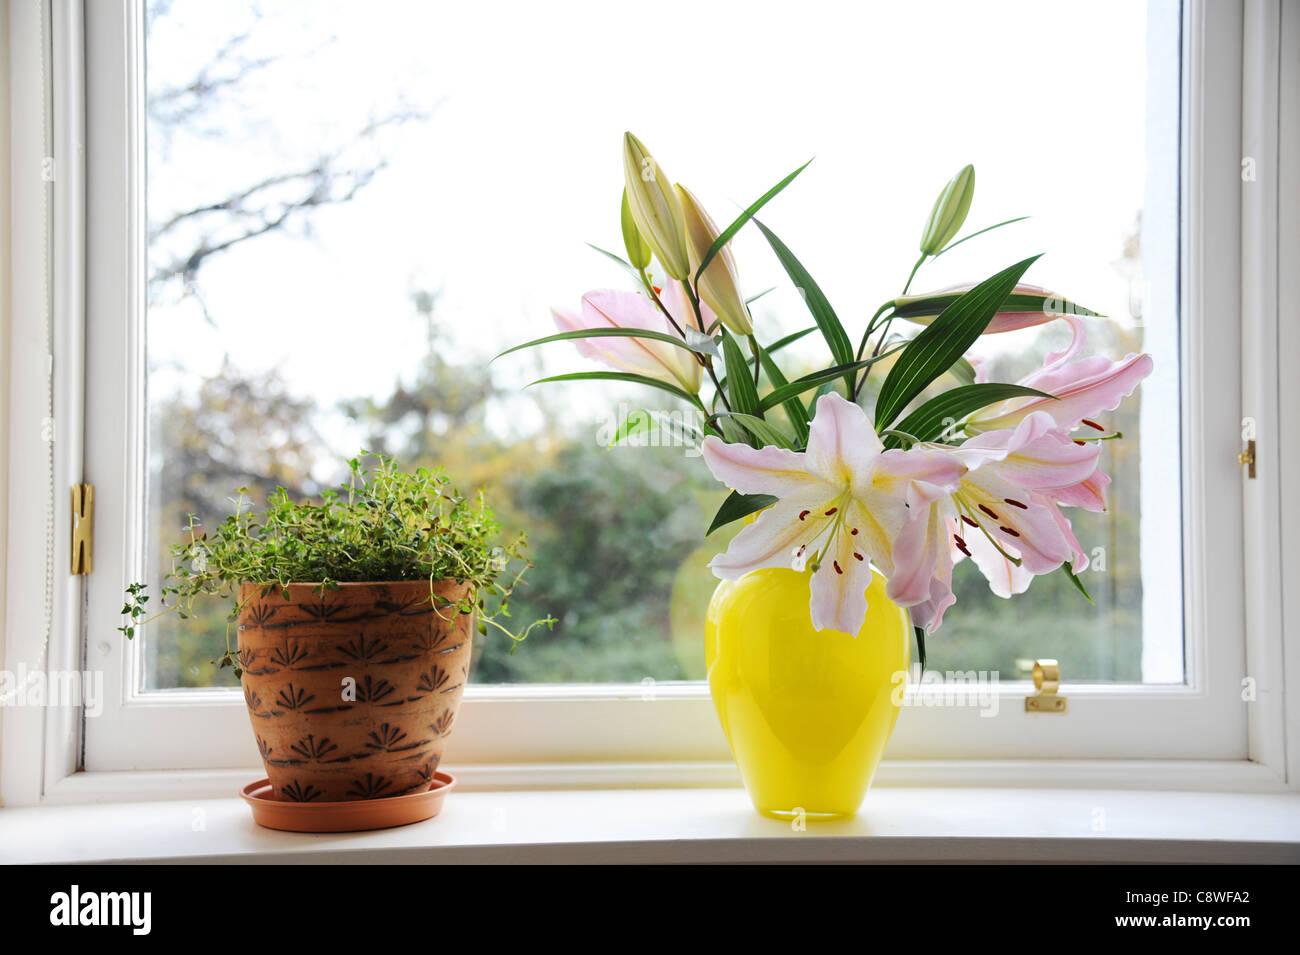 Fensterbank mit Topf Thymian und Vase mit Lilien. Stockbild